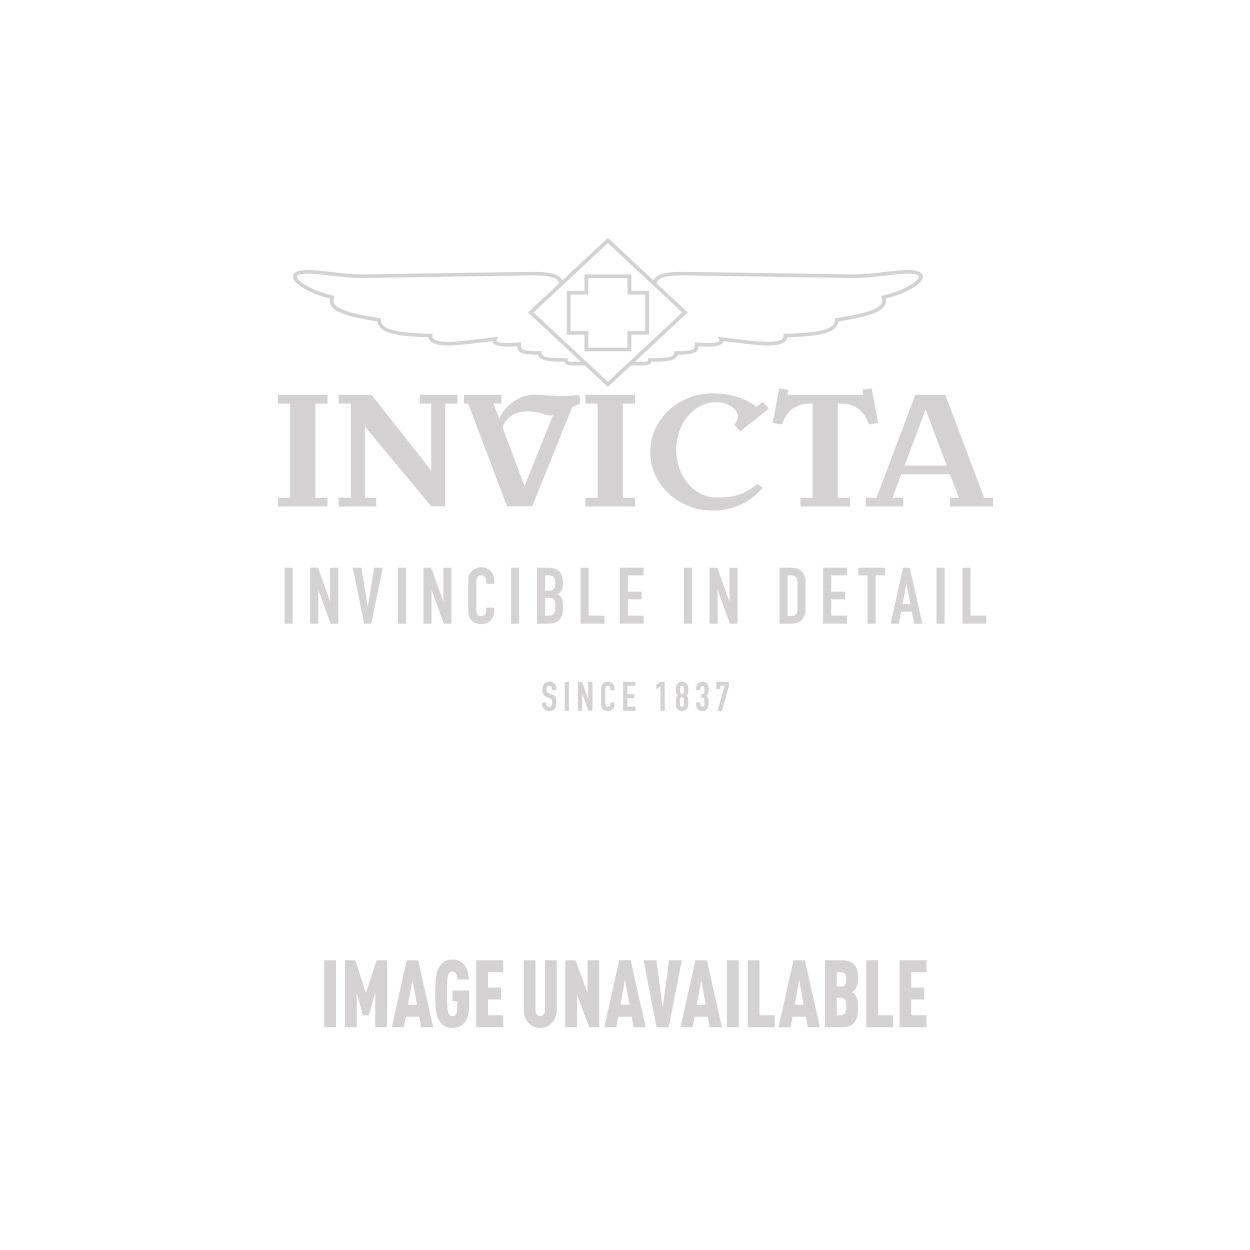 Invicta Model 25308